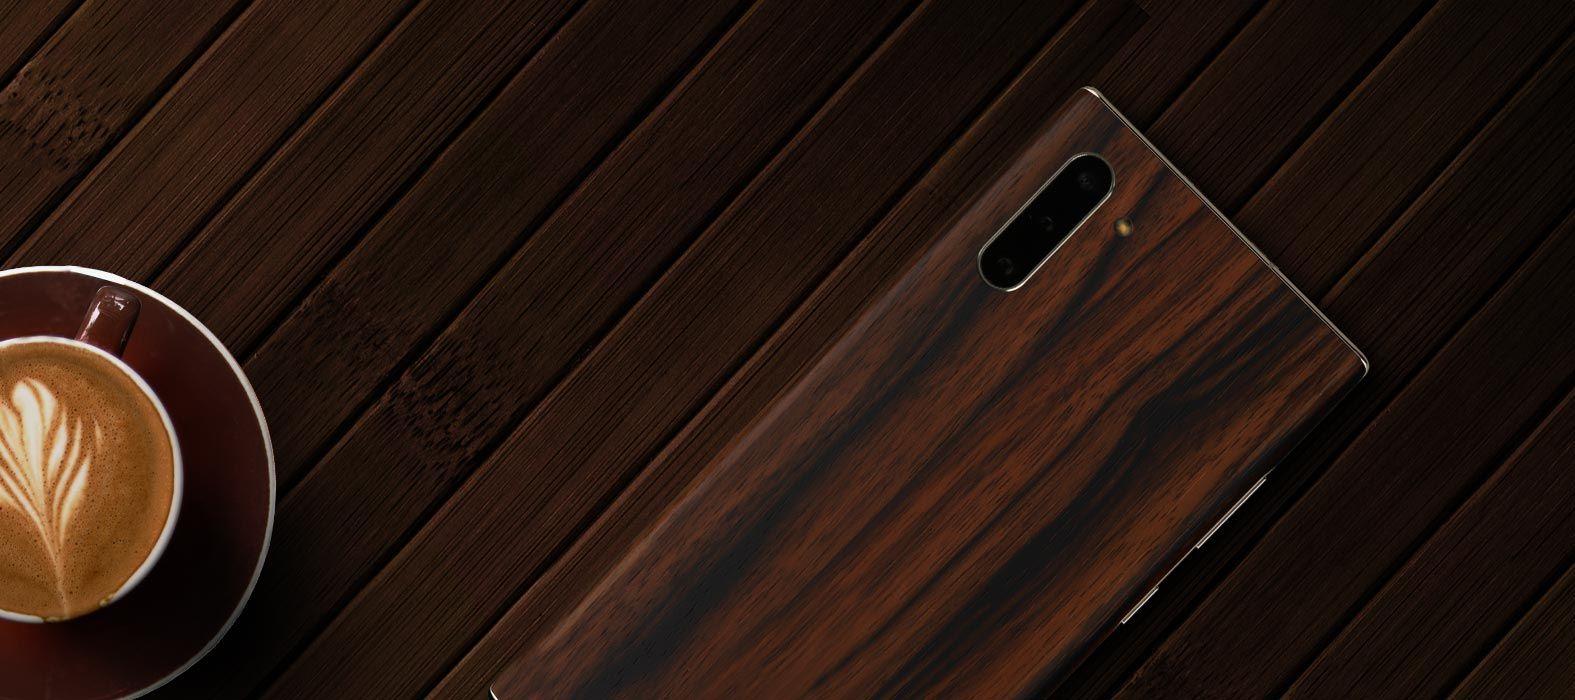 alaxy-Note-10 Ebony Wood Skins